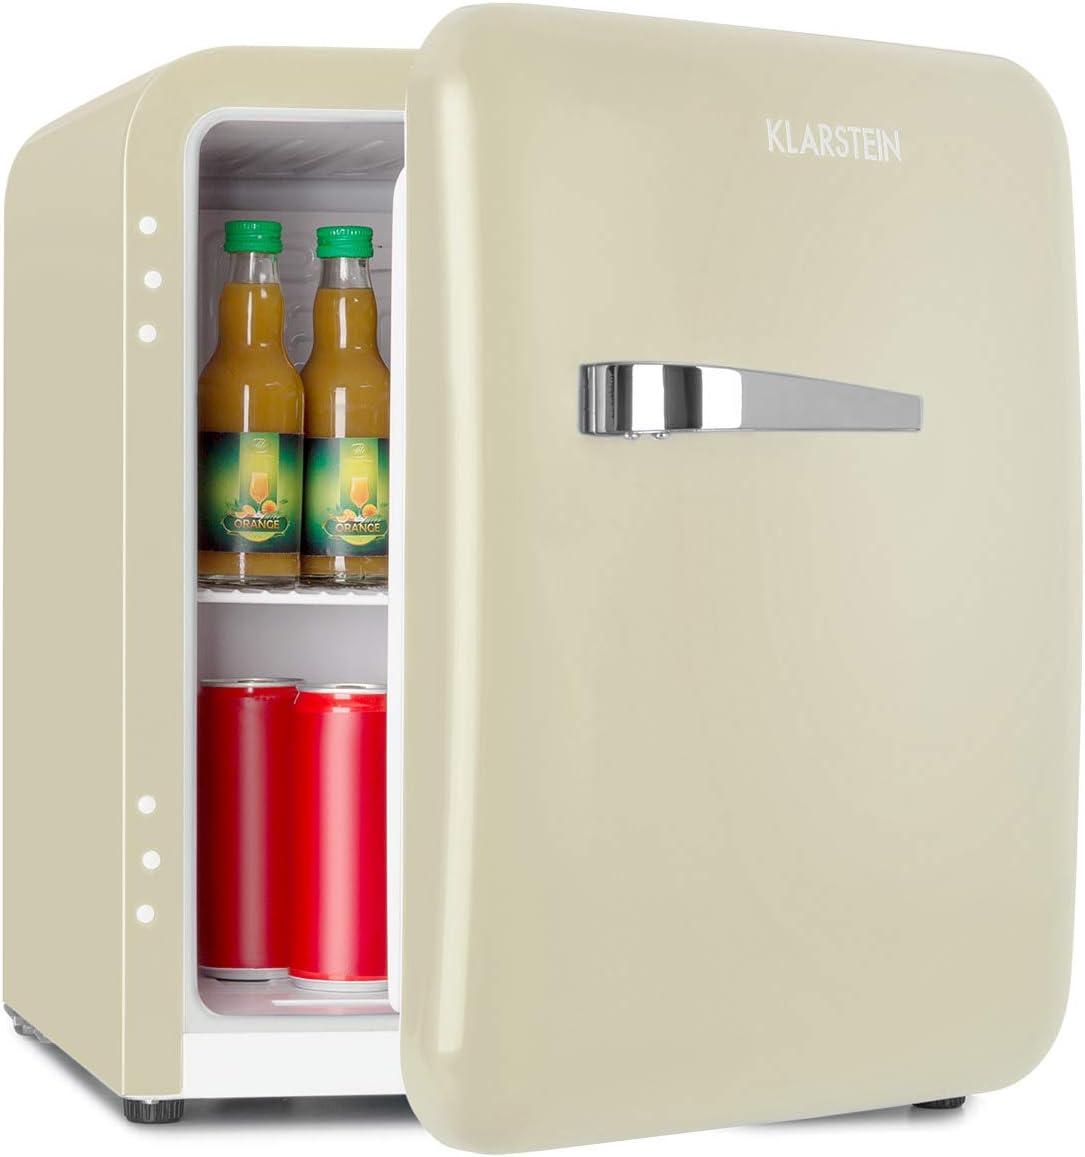 Klarstein Audrey Mini Refrigerador con congelador - Capacidad de ...